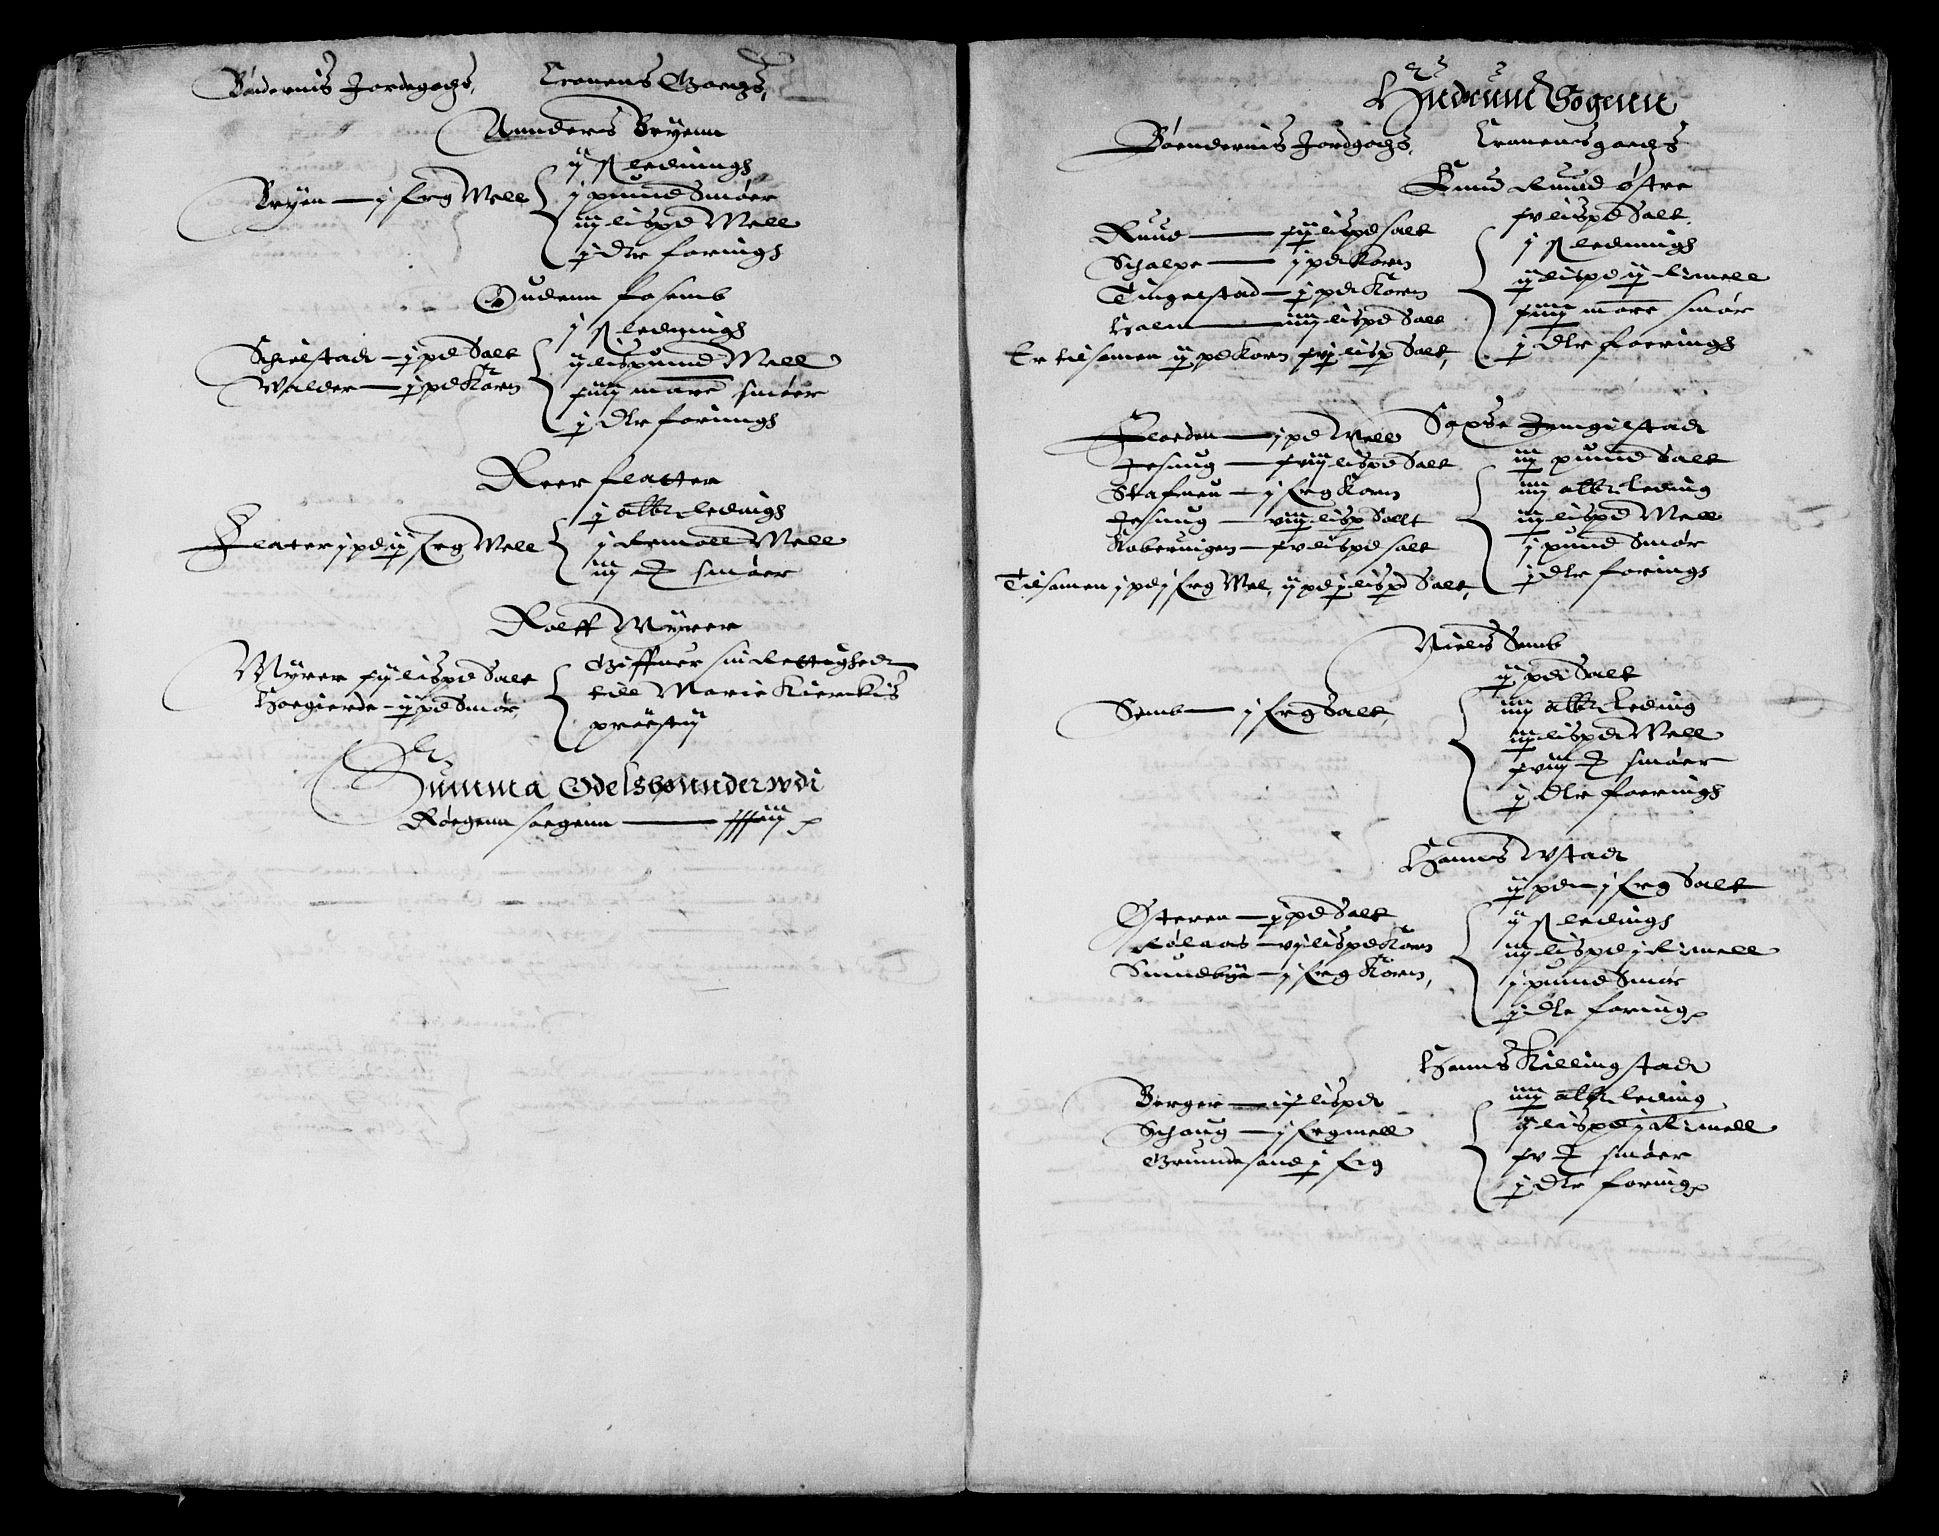 RA, Danske Kanselli, Skapsaker, F/L0038: Skap 9, pakke 324-350, 1615-1721, s. 204